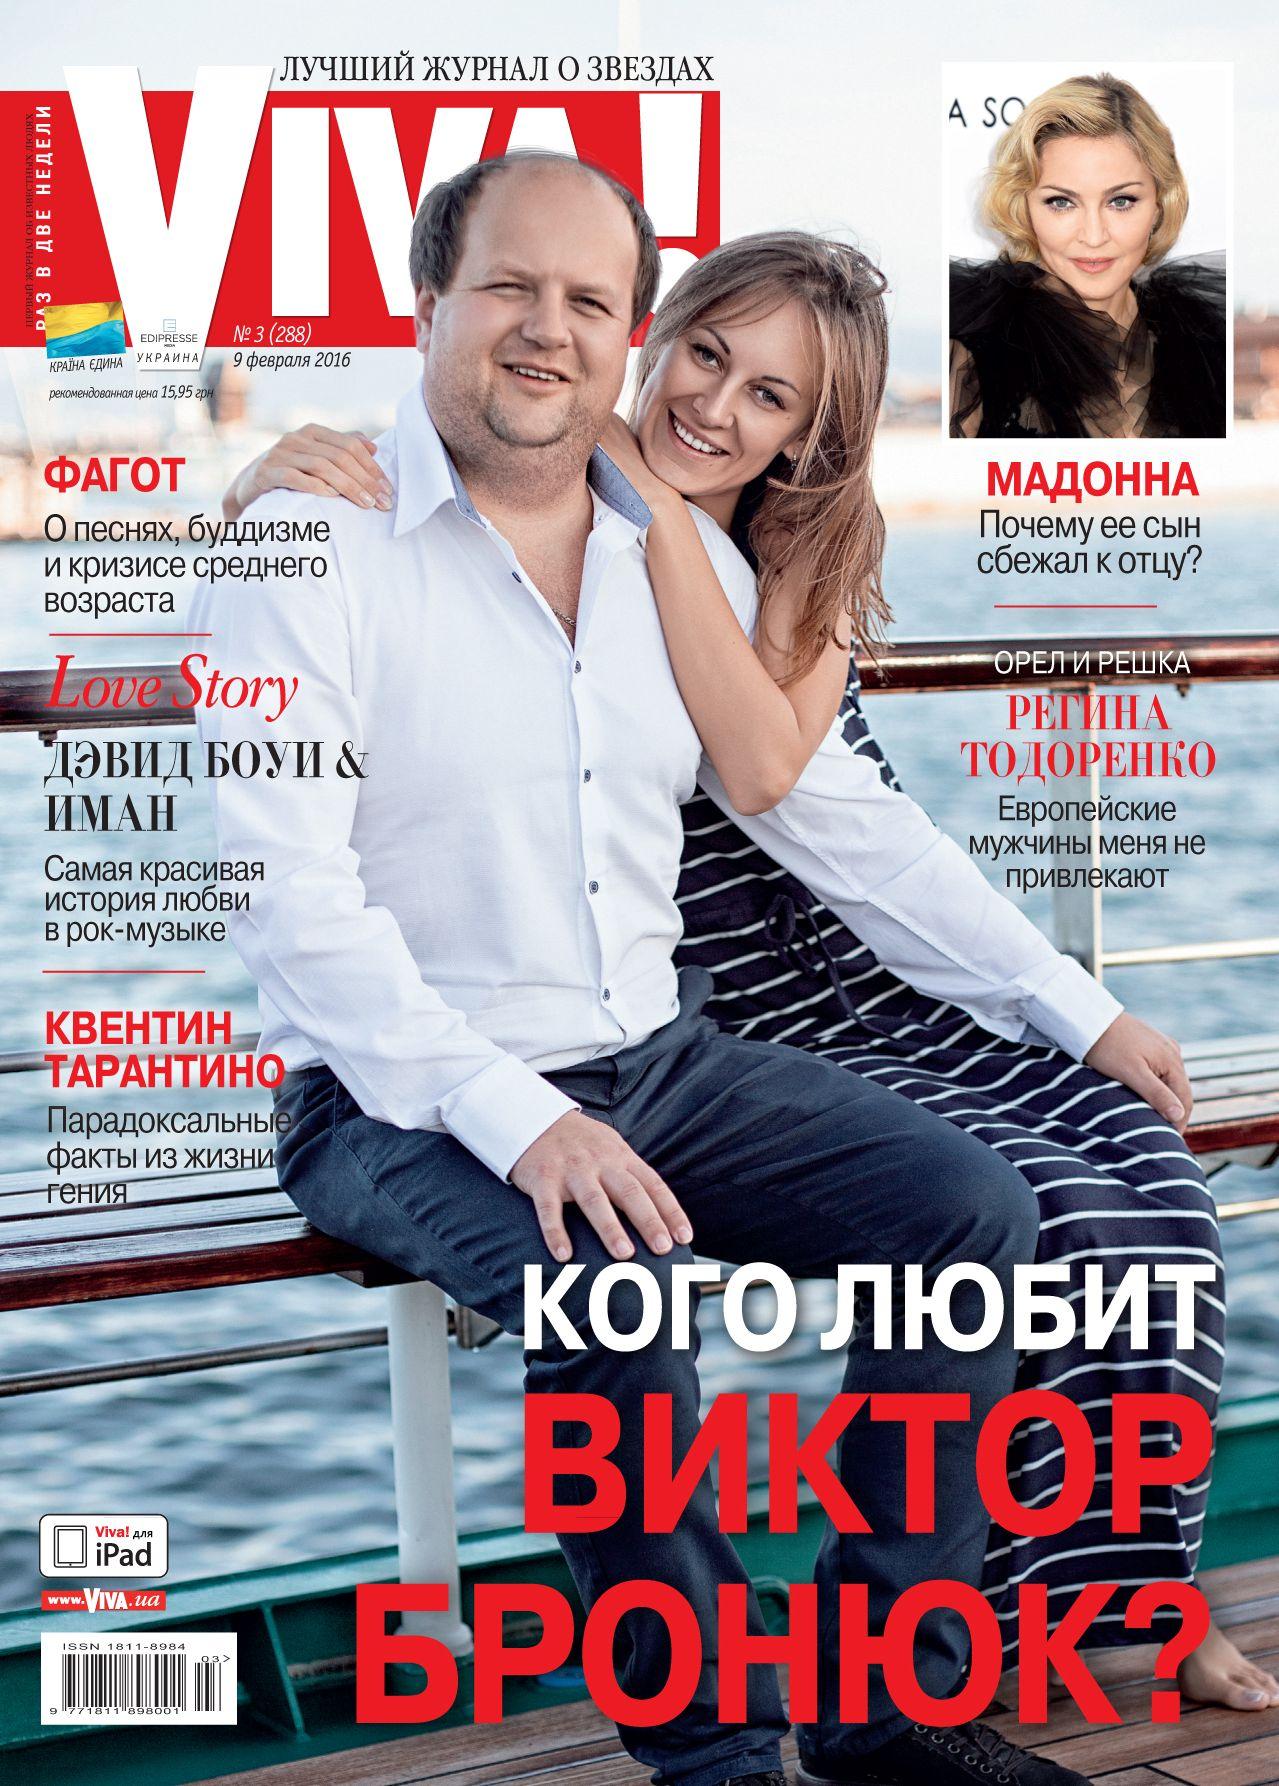 Виктор Бронюк и его жена Татьяна на обложке Viva!